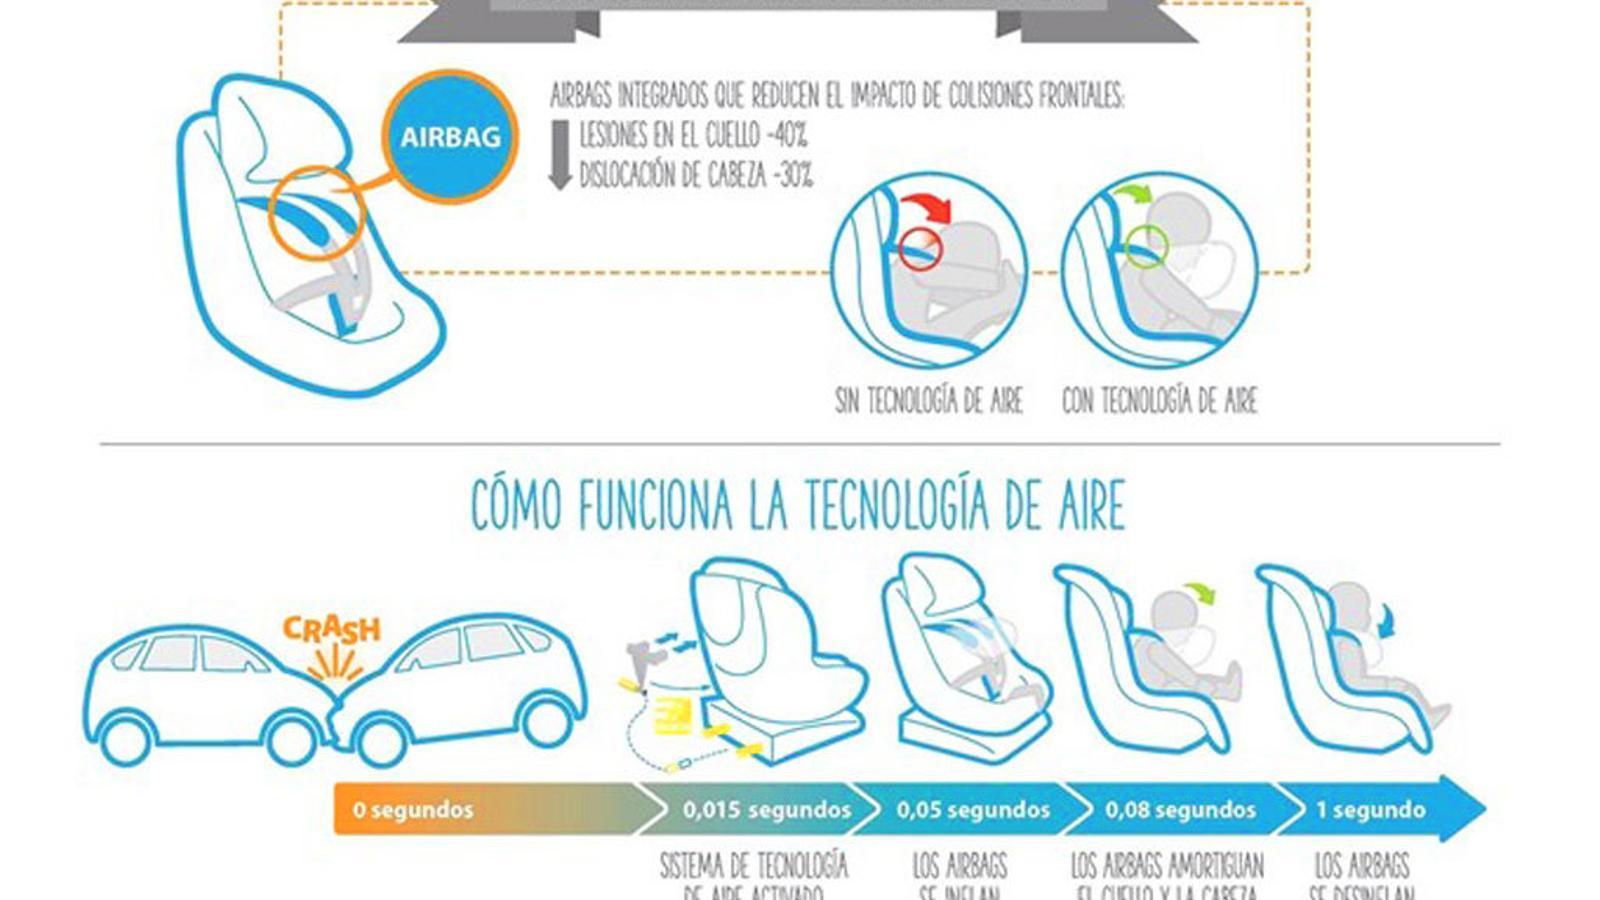 Les cadiretes infantils amb airbag ja són una realitat